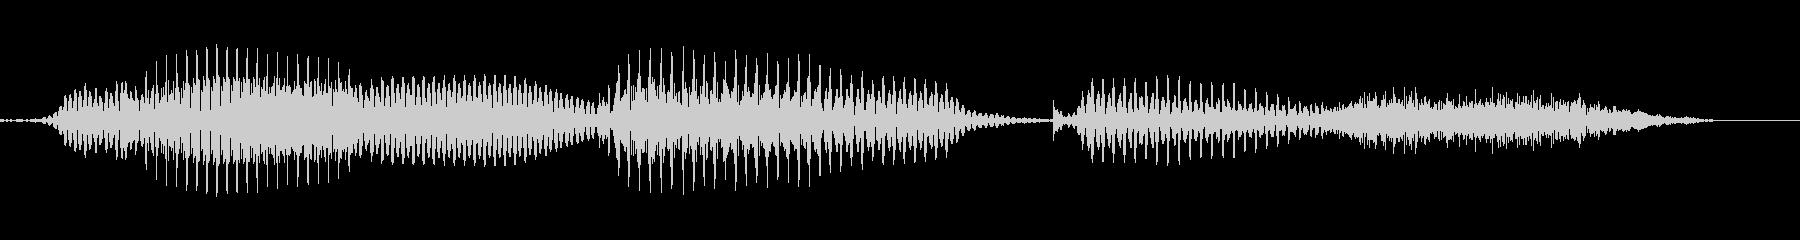 問題ですの未再生の波形